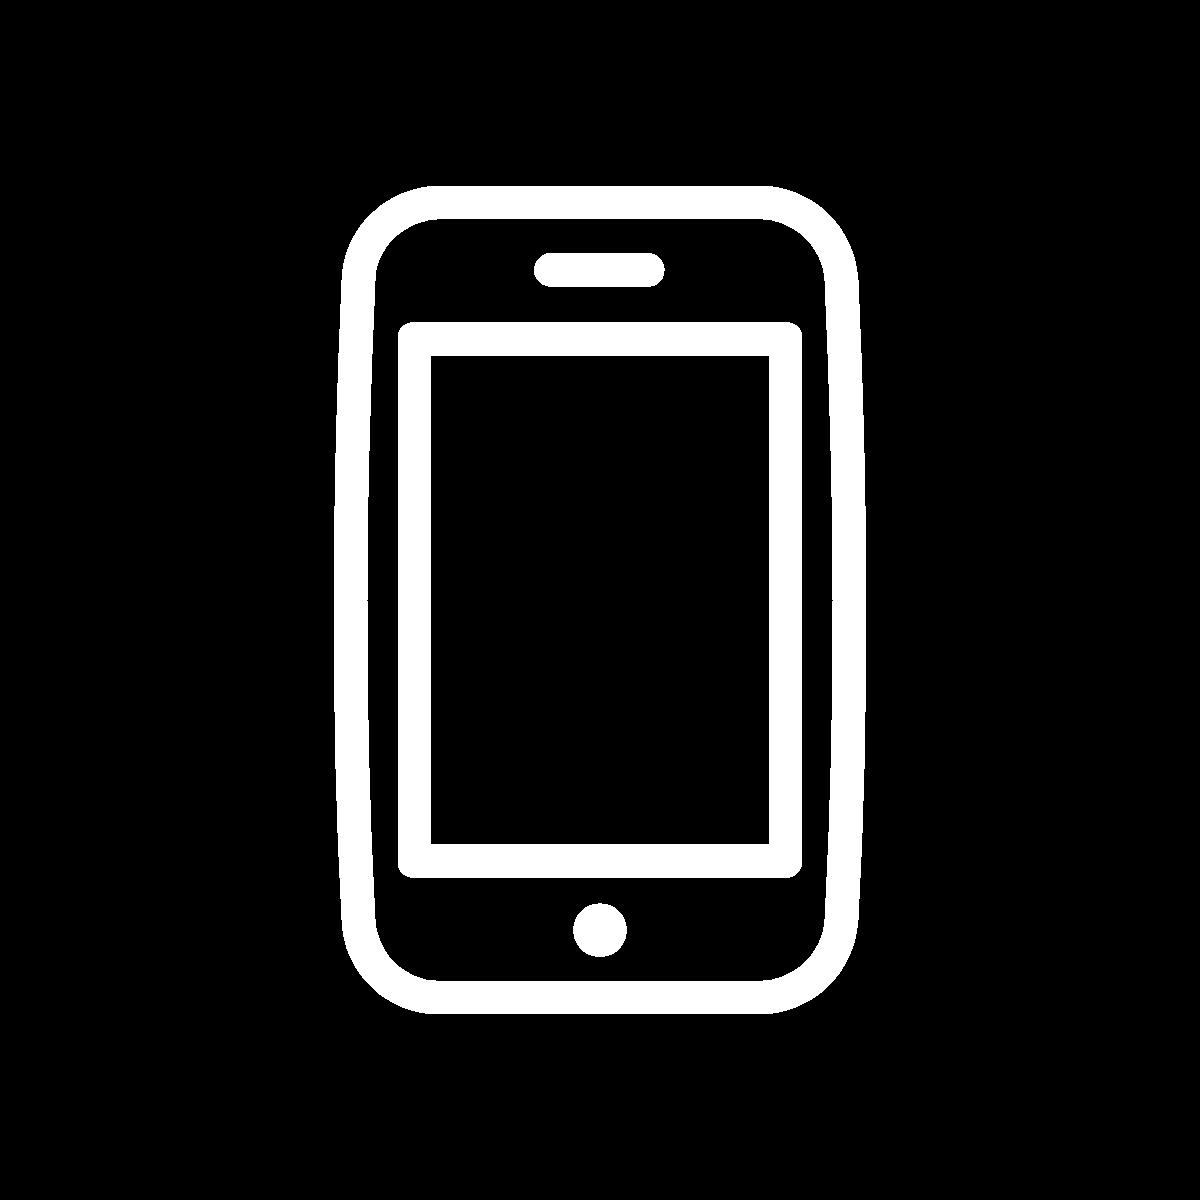 Icon phone white